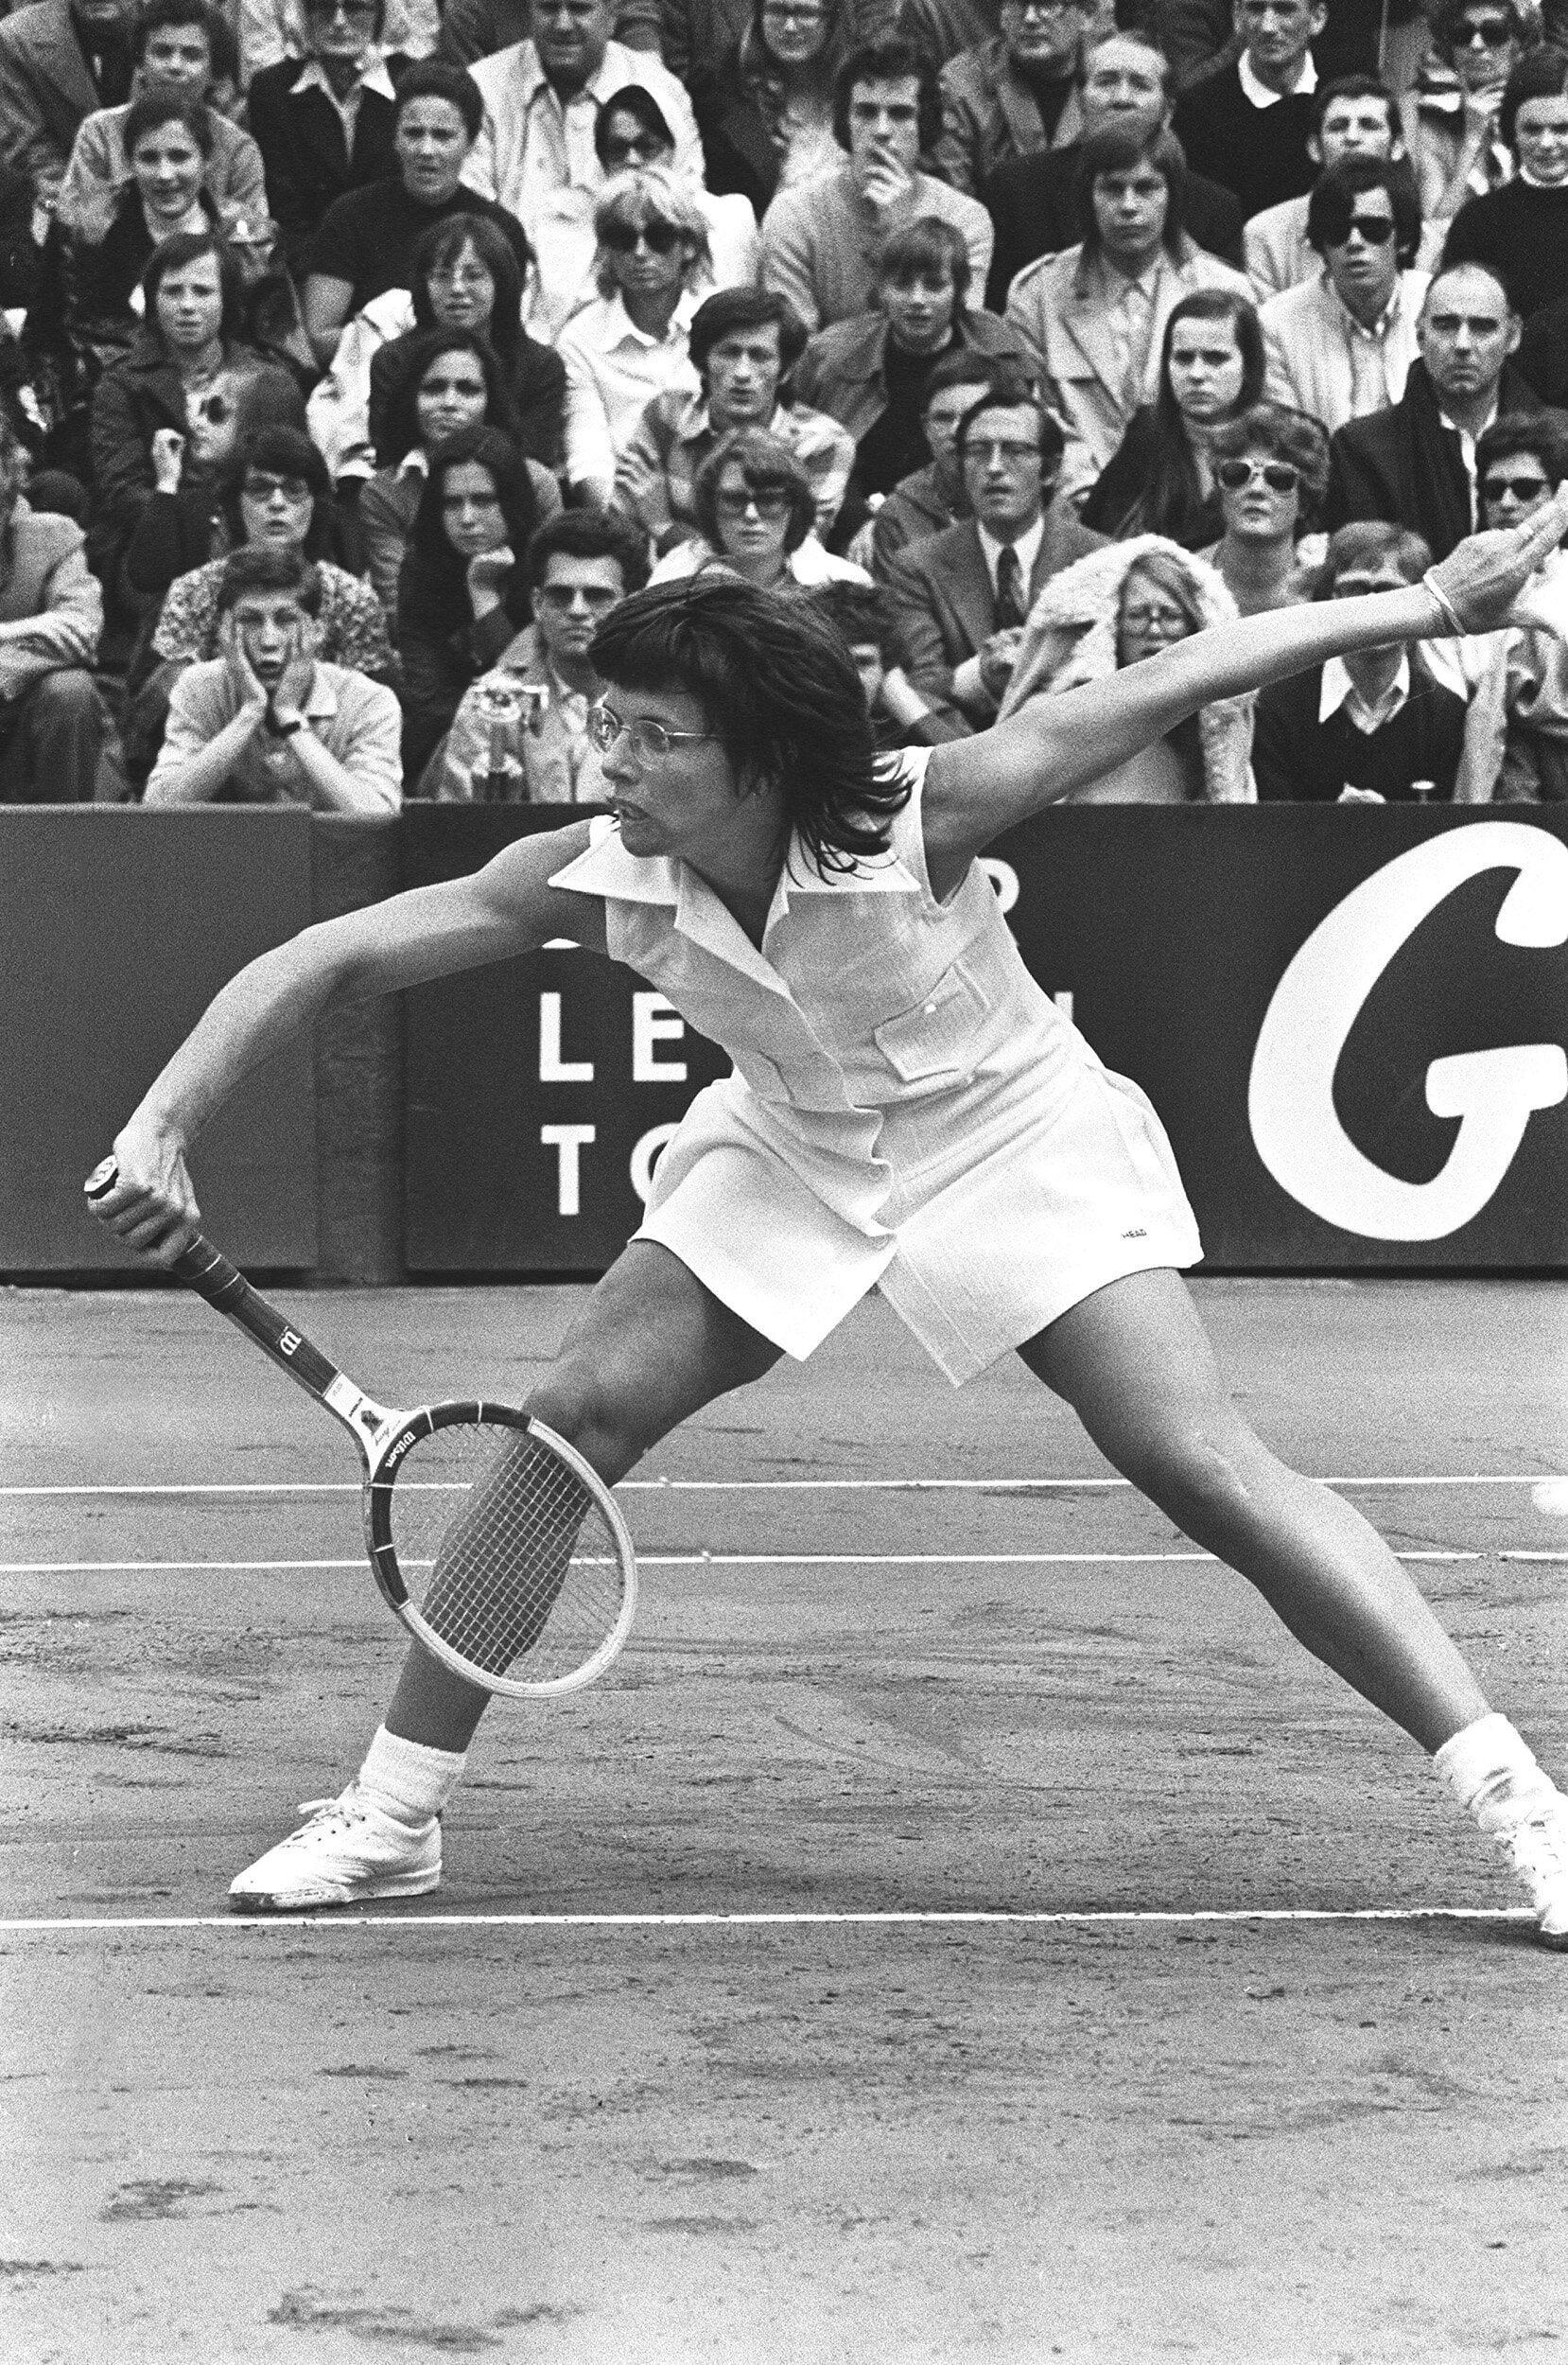 Billie Jean King, championne de tennis, ici le 4 juin 1972 lors du tournoi de Roland Garros à